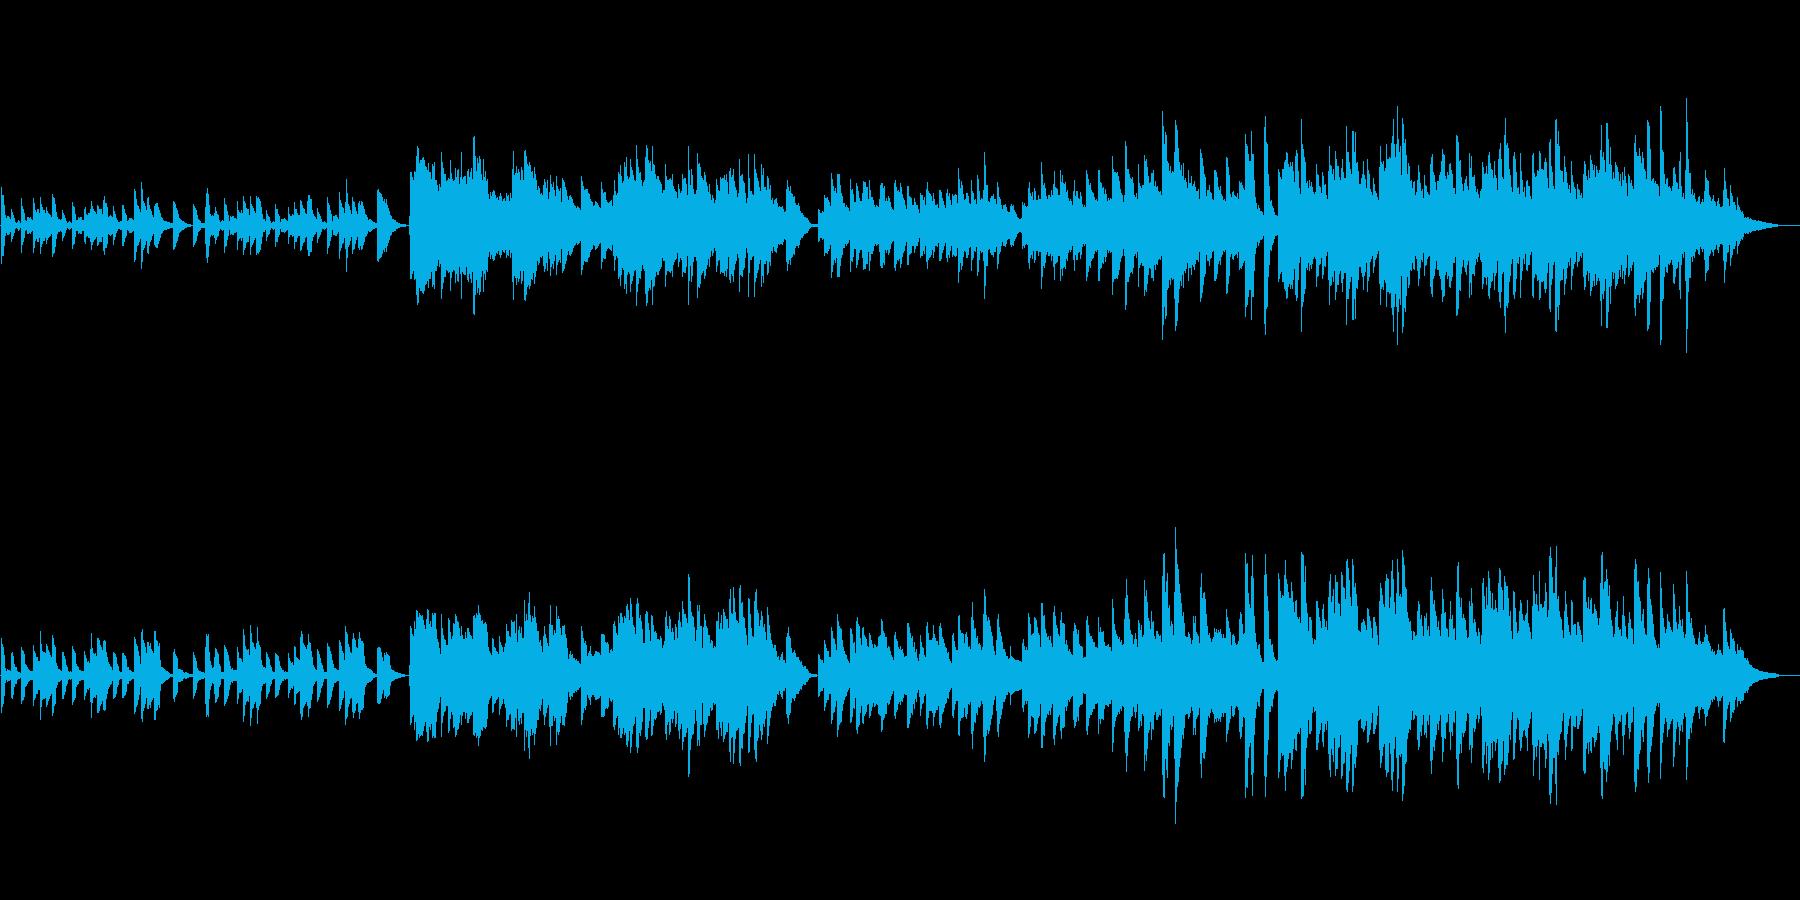 明るめのピアノソロBGM(約1分30秒)の再生済みの波形